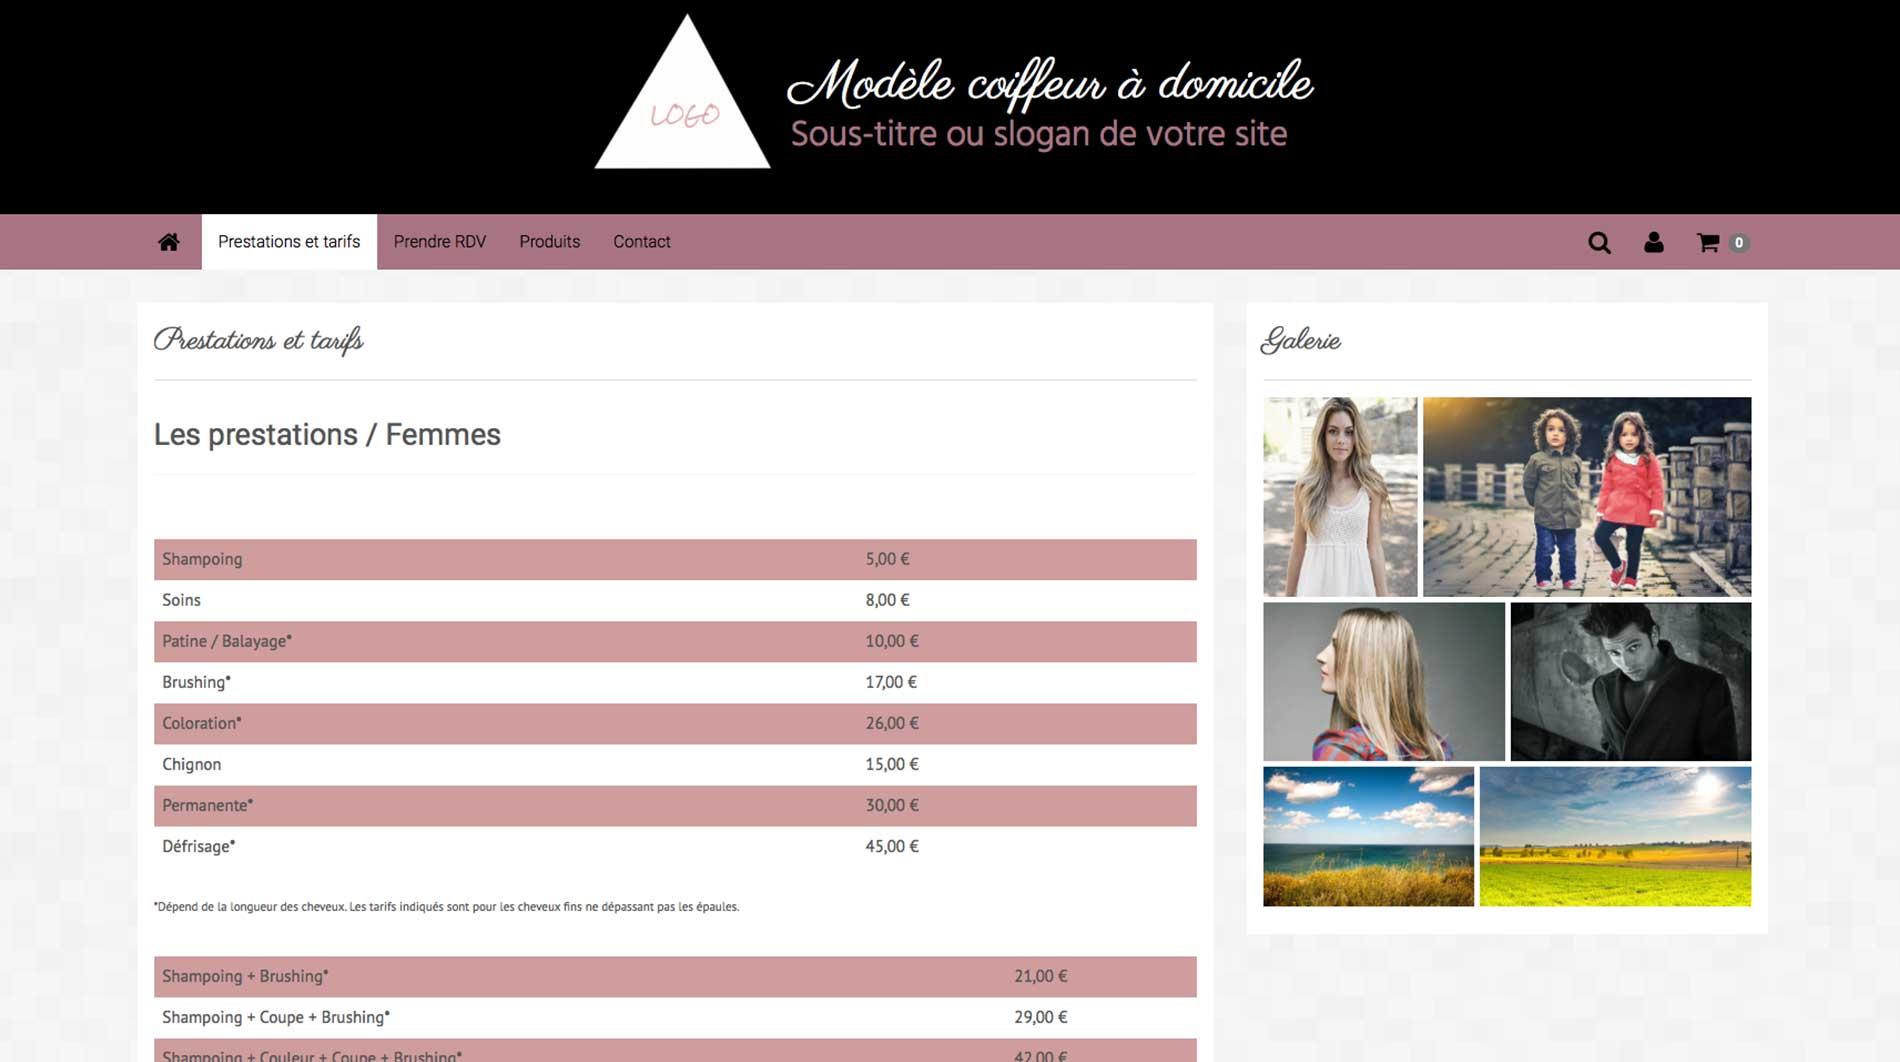 Faire un site internet de coiffeur à domicile - présenter ses prestations